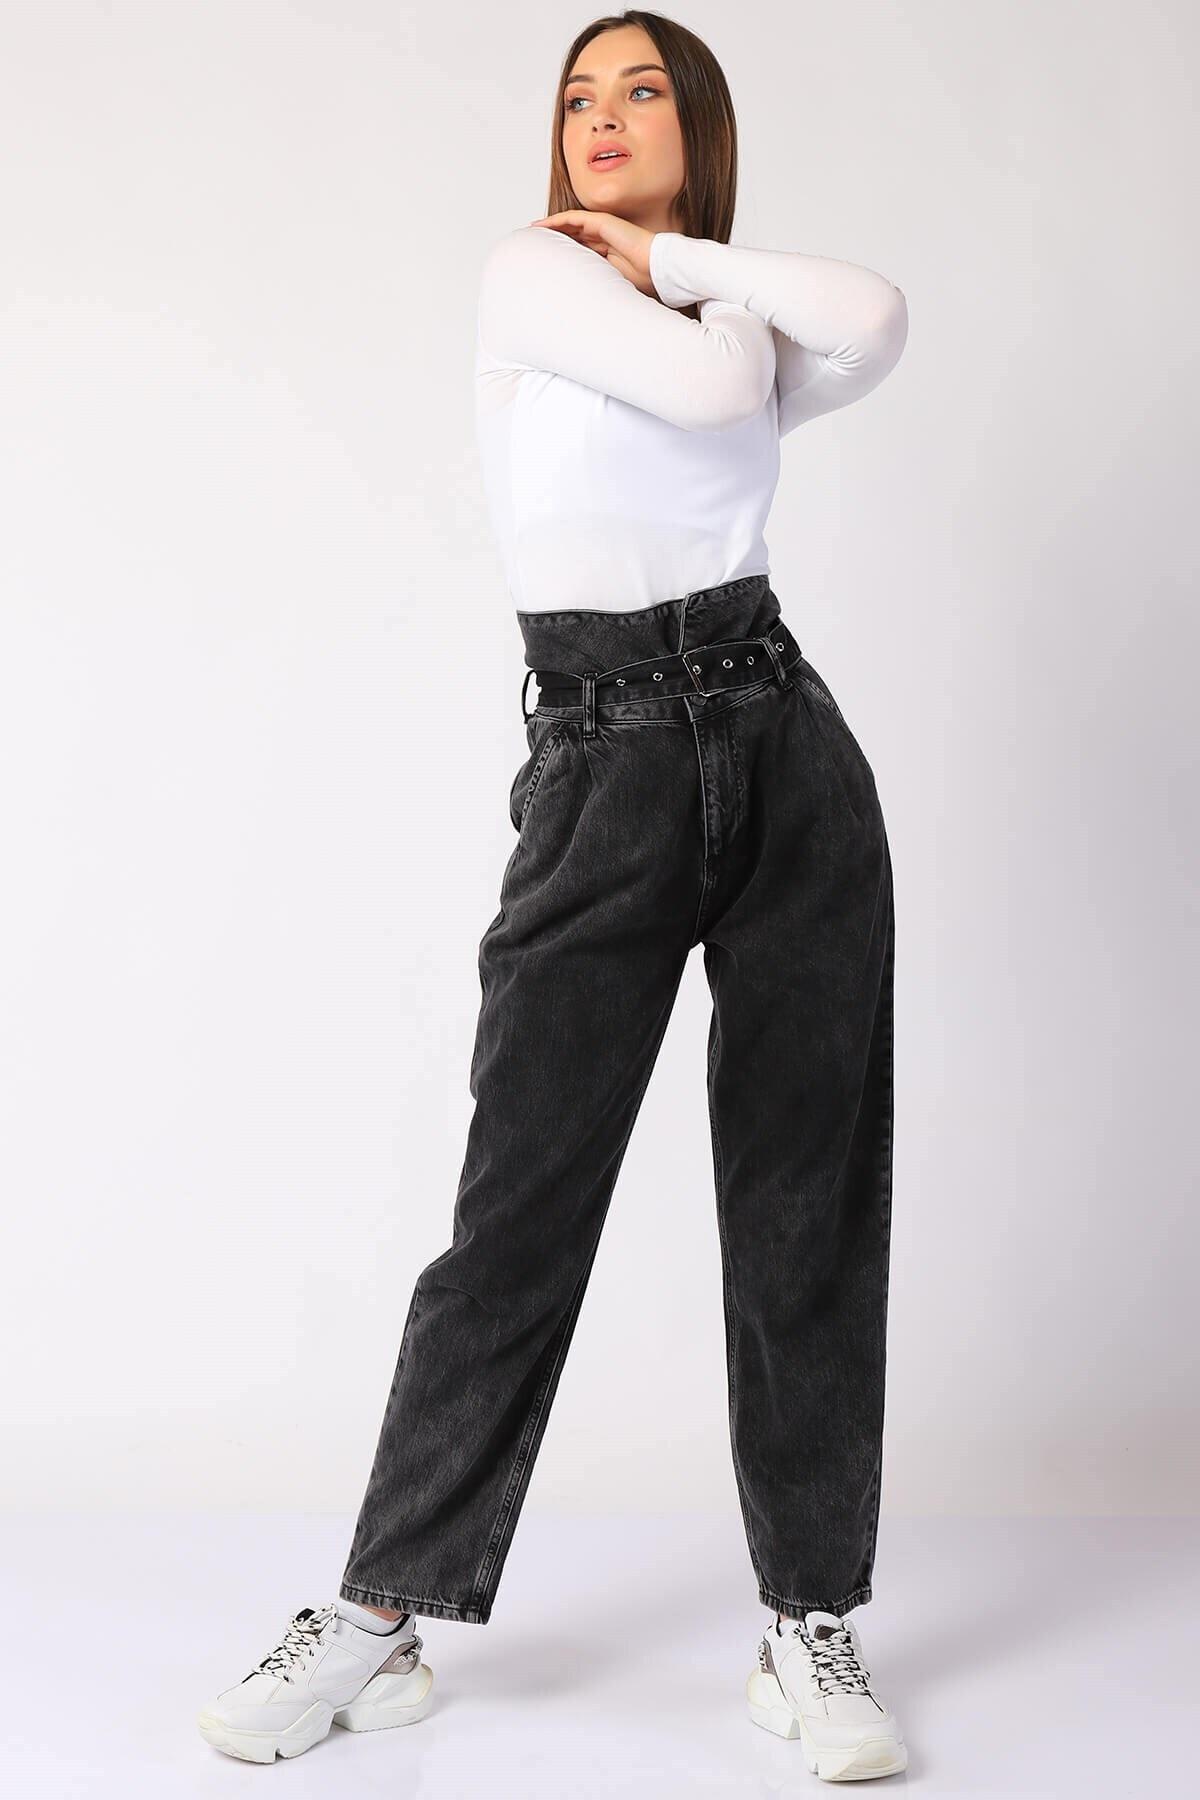 Twister Jeans Kadın Pantolon Bp 9377-02 Sıyah 1